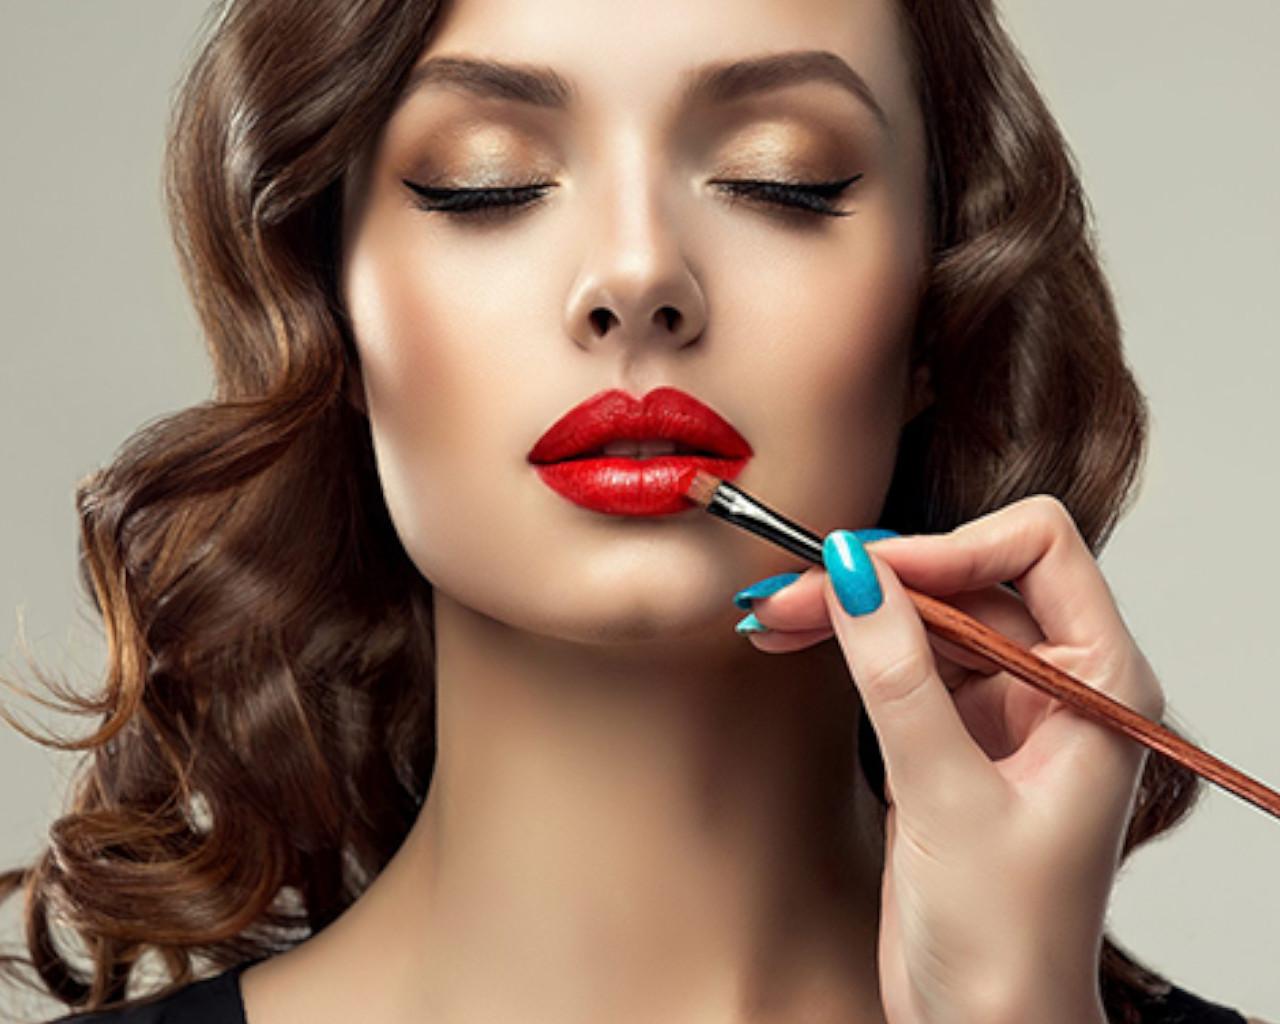 μακιγιάζ 2021, μακιγιάζ 2021 τάσεις, μακιγιάζ 2021 συμβουλές ομορφιάς